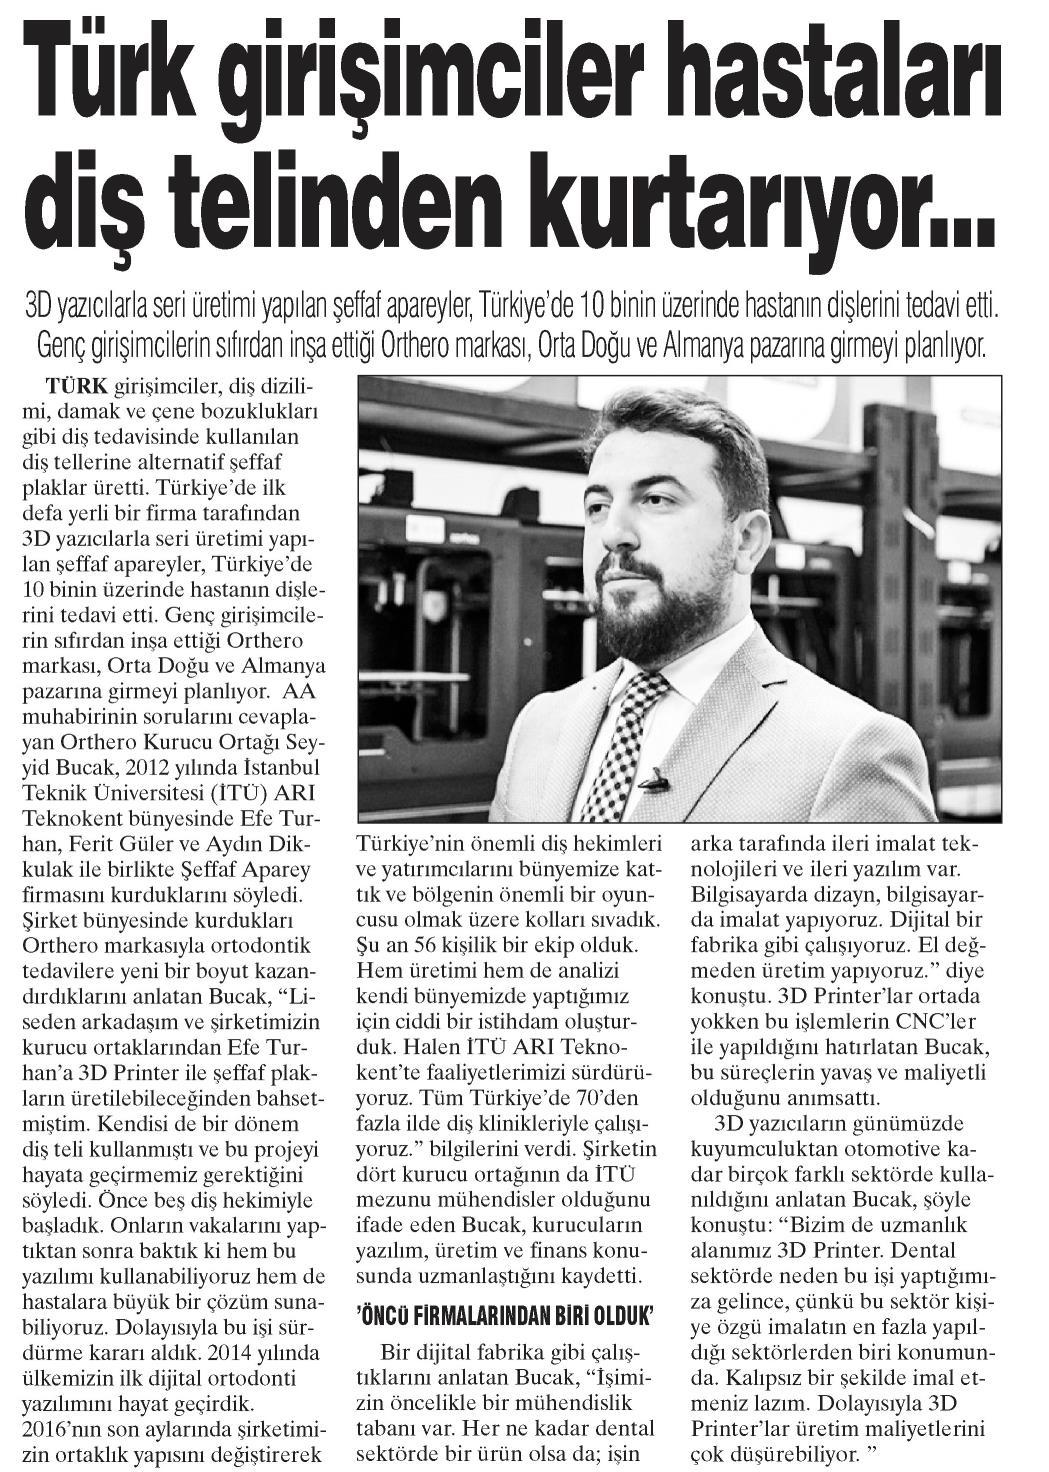 GÜNBOYU_20180619_6